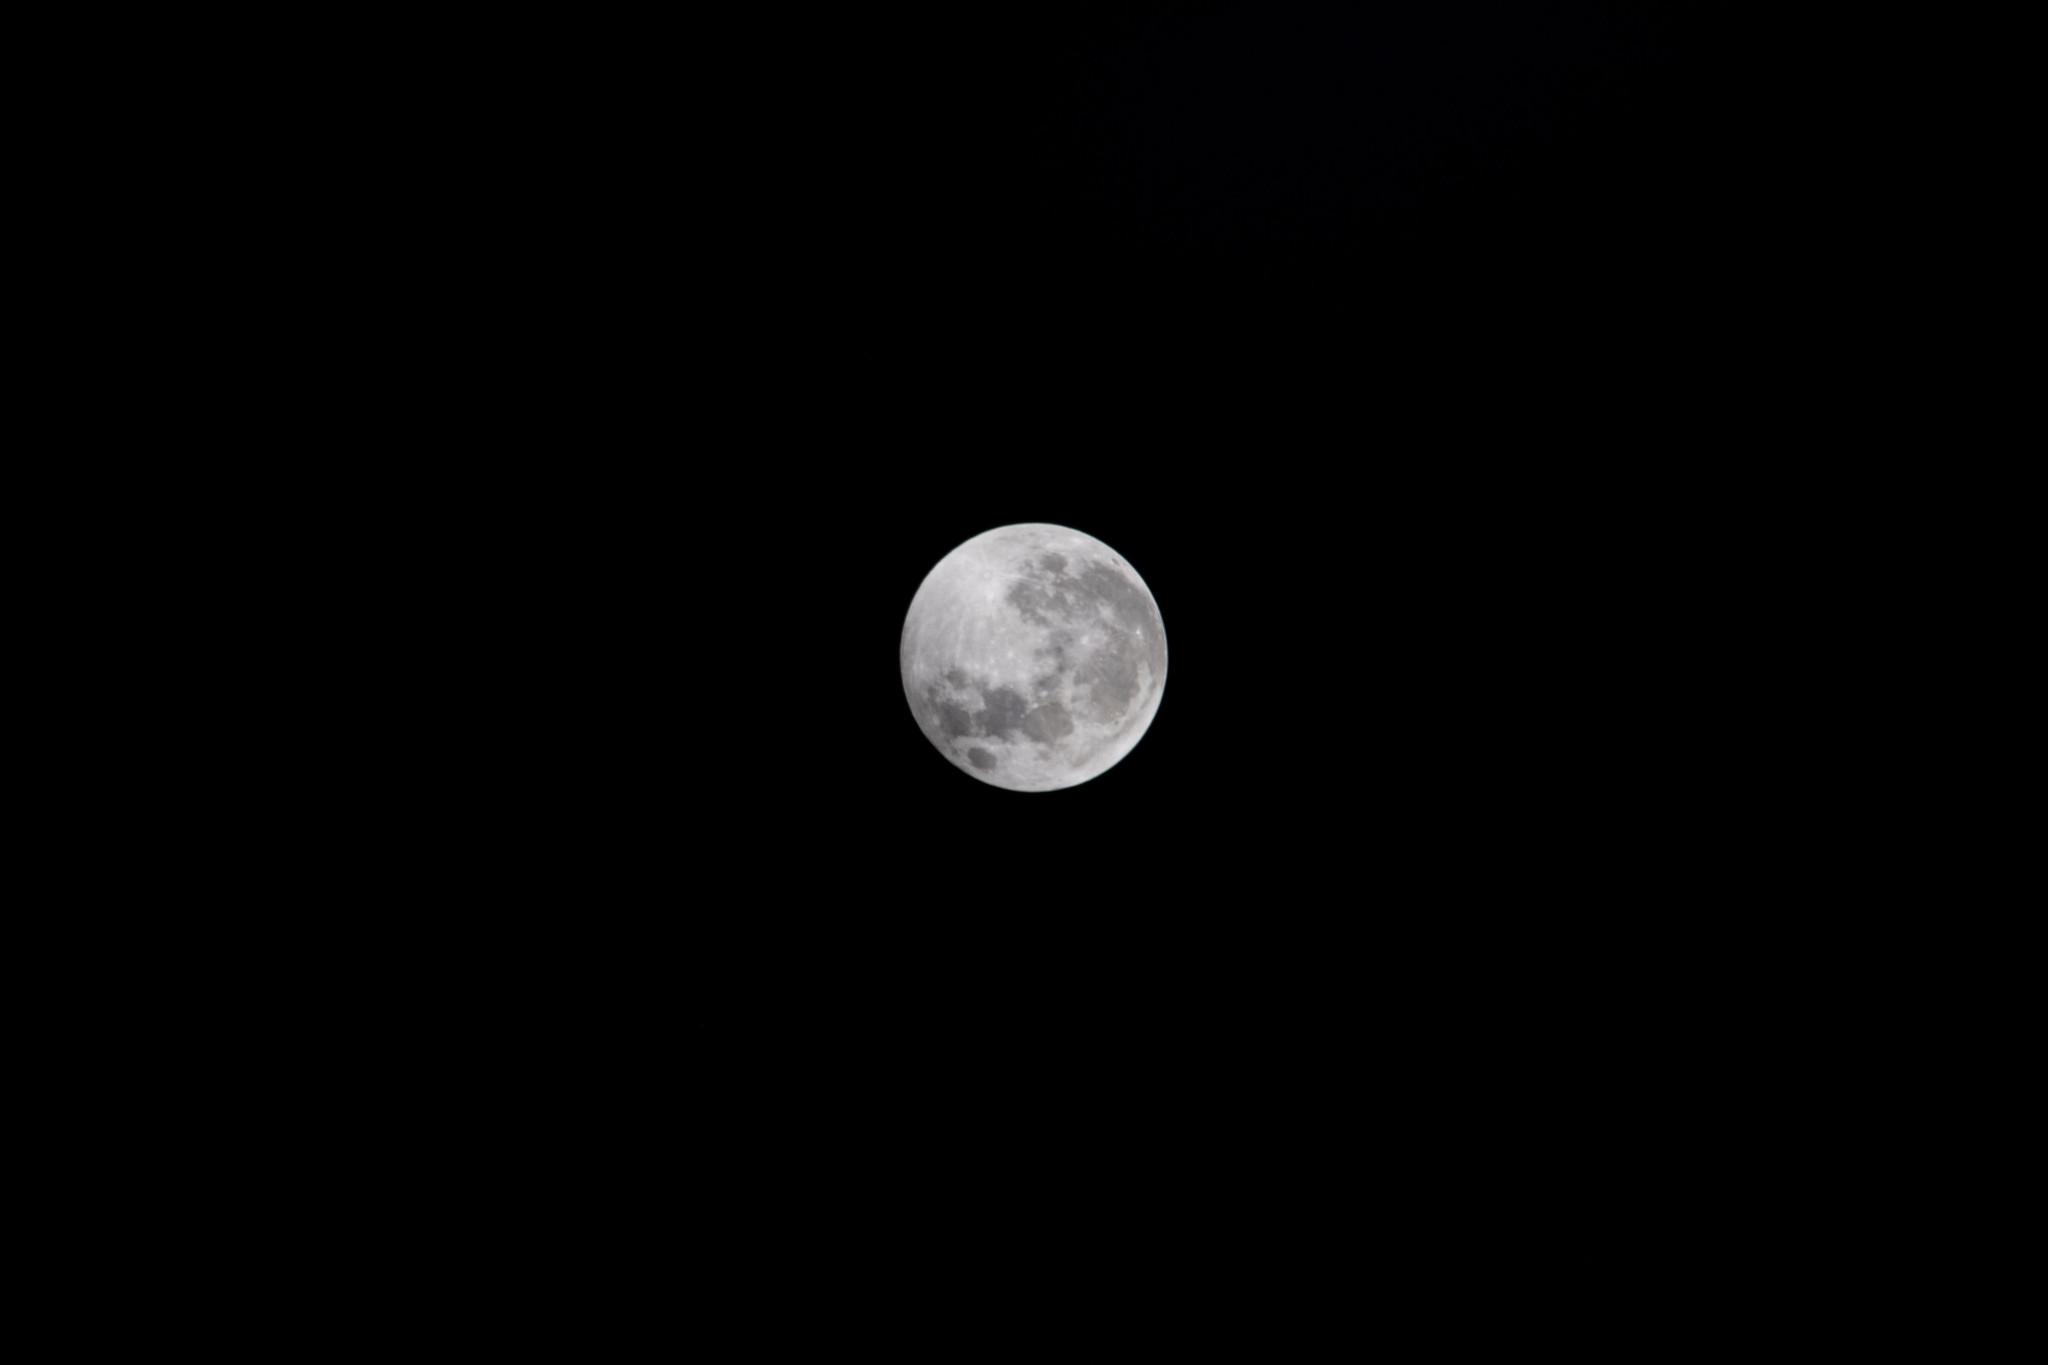 Une vue de la pleine lune depuis l'espace, avant la